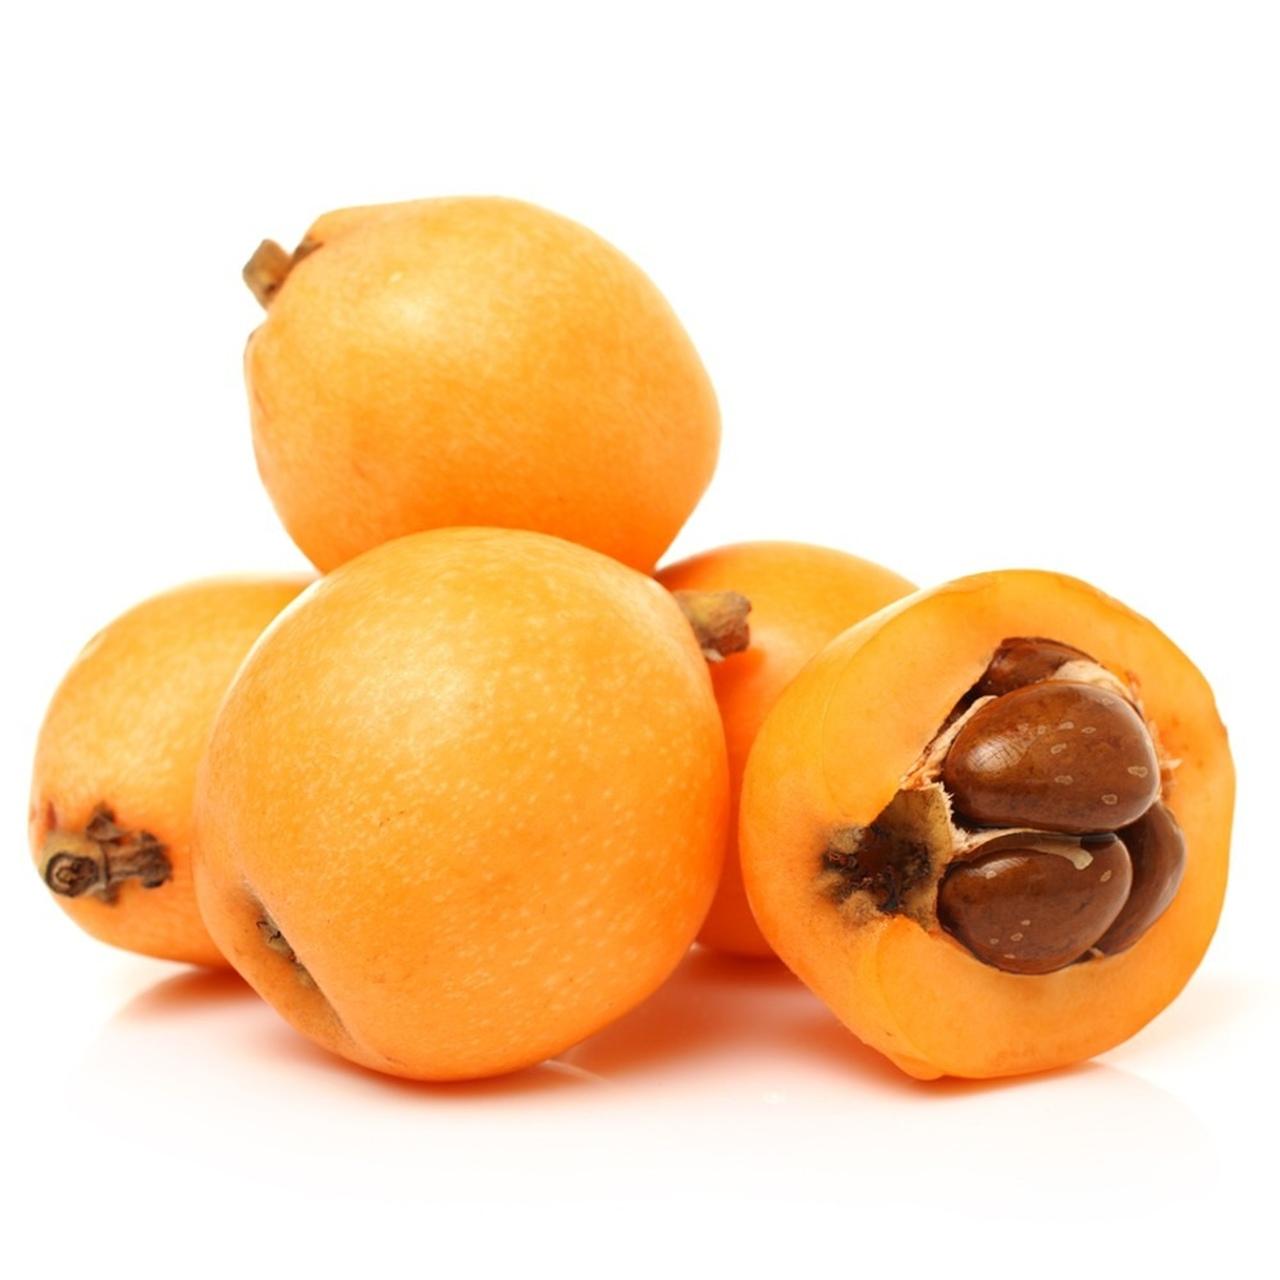 NESPERA BJ 500G  - JJPIVOTTO - Comercio de Frutas